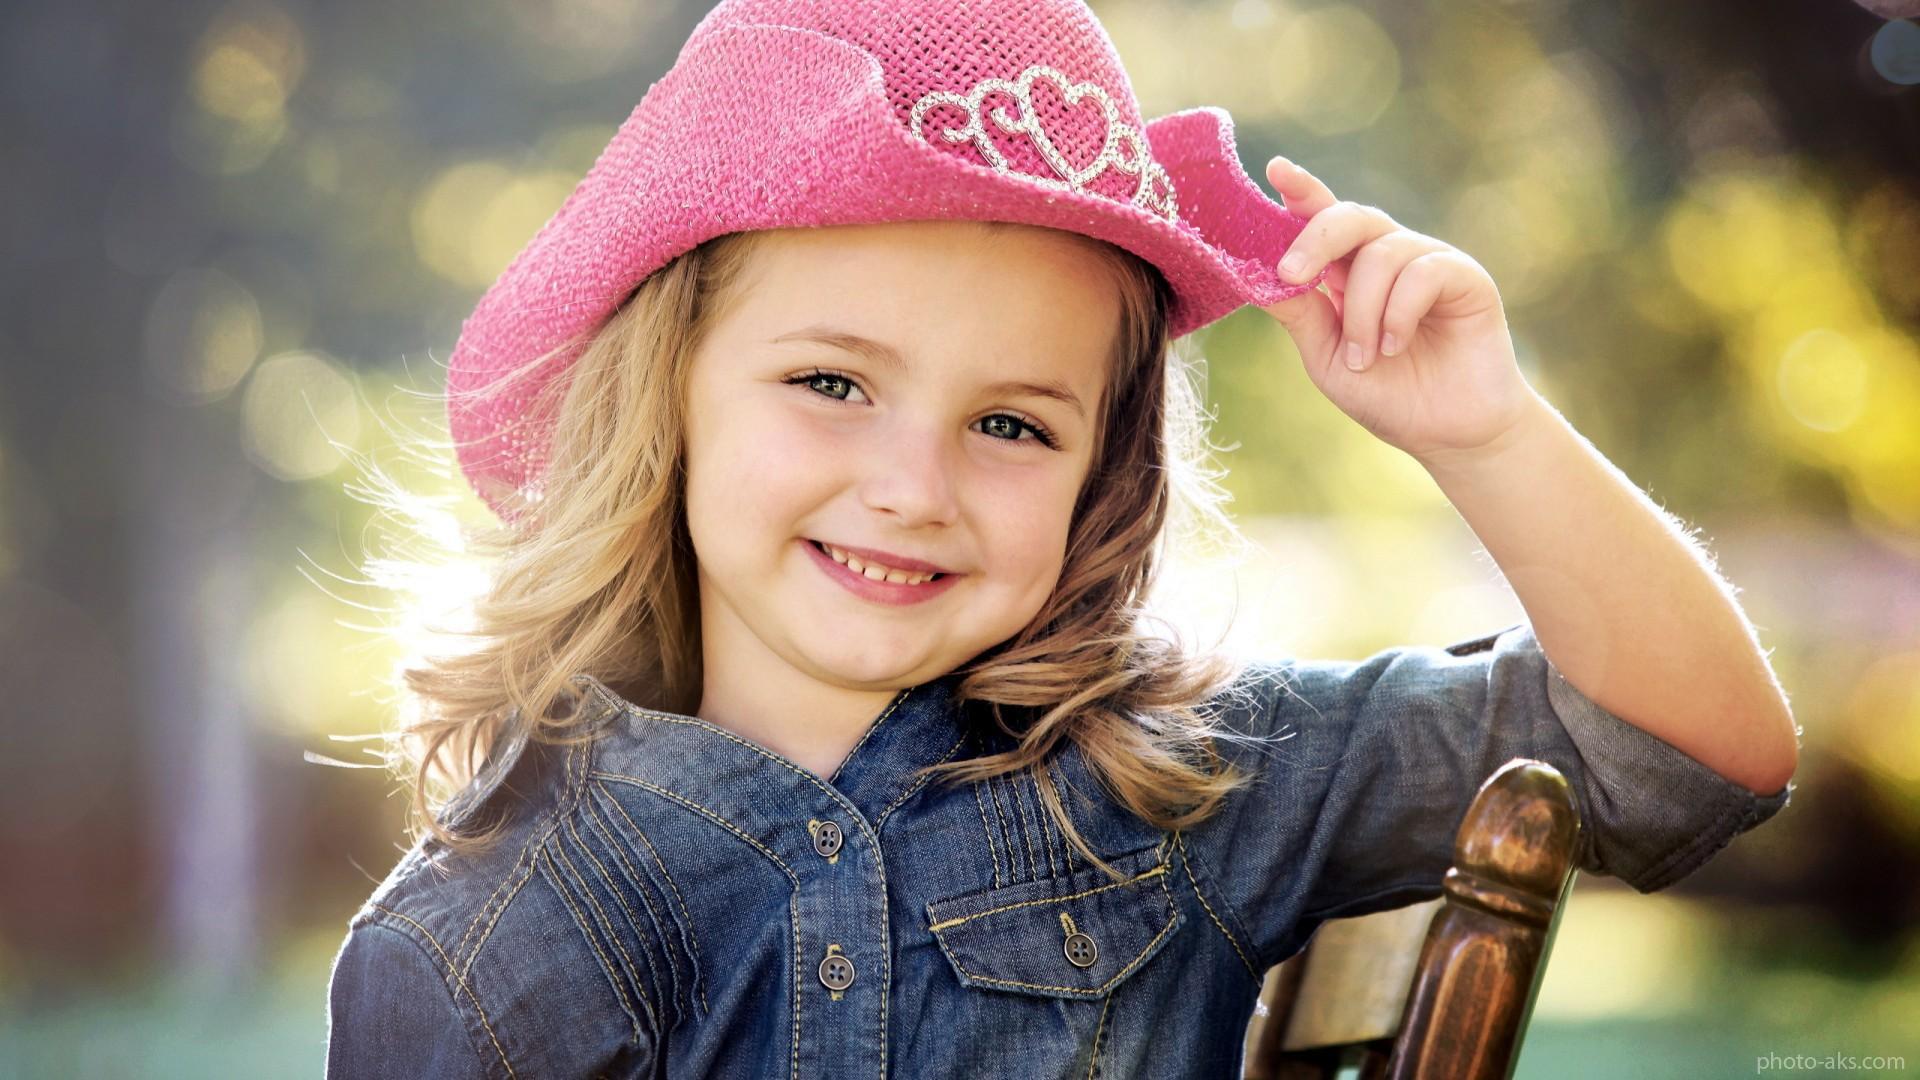 عکس بچه ناز قشنگ با کیفیت اچ دی hd